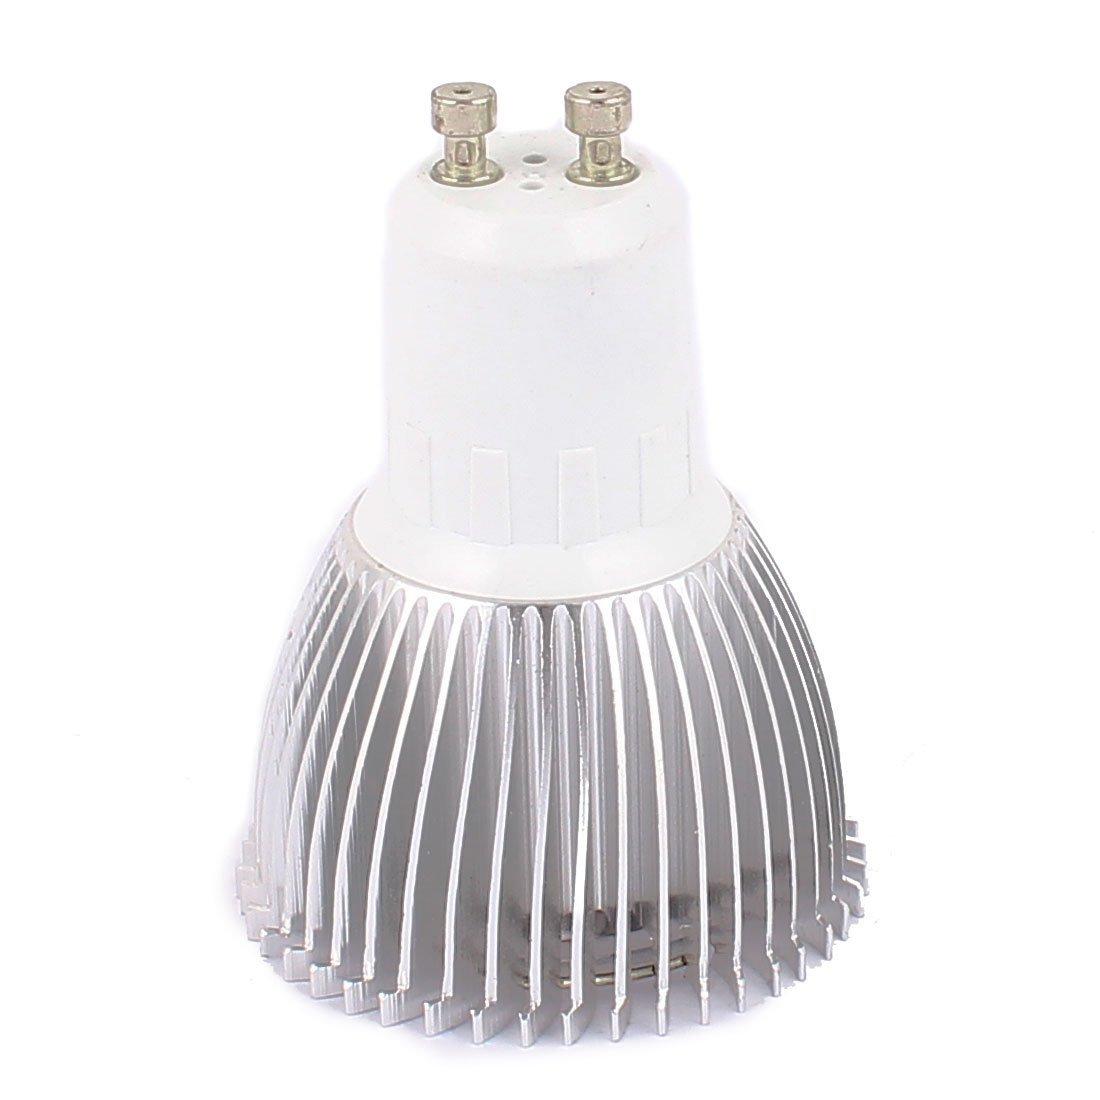 eDealMax GU10 adaptador Decor Spotlight luz de la lámpara RGB LED Bulb 3W AC 85V-265V w controlador remoto - - Amazon.com